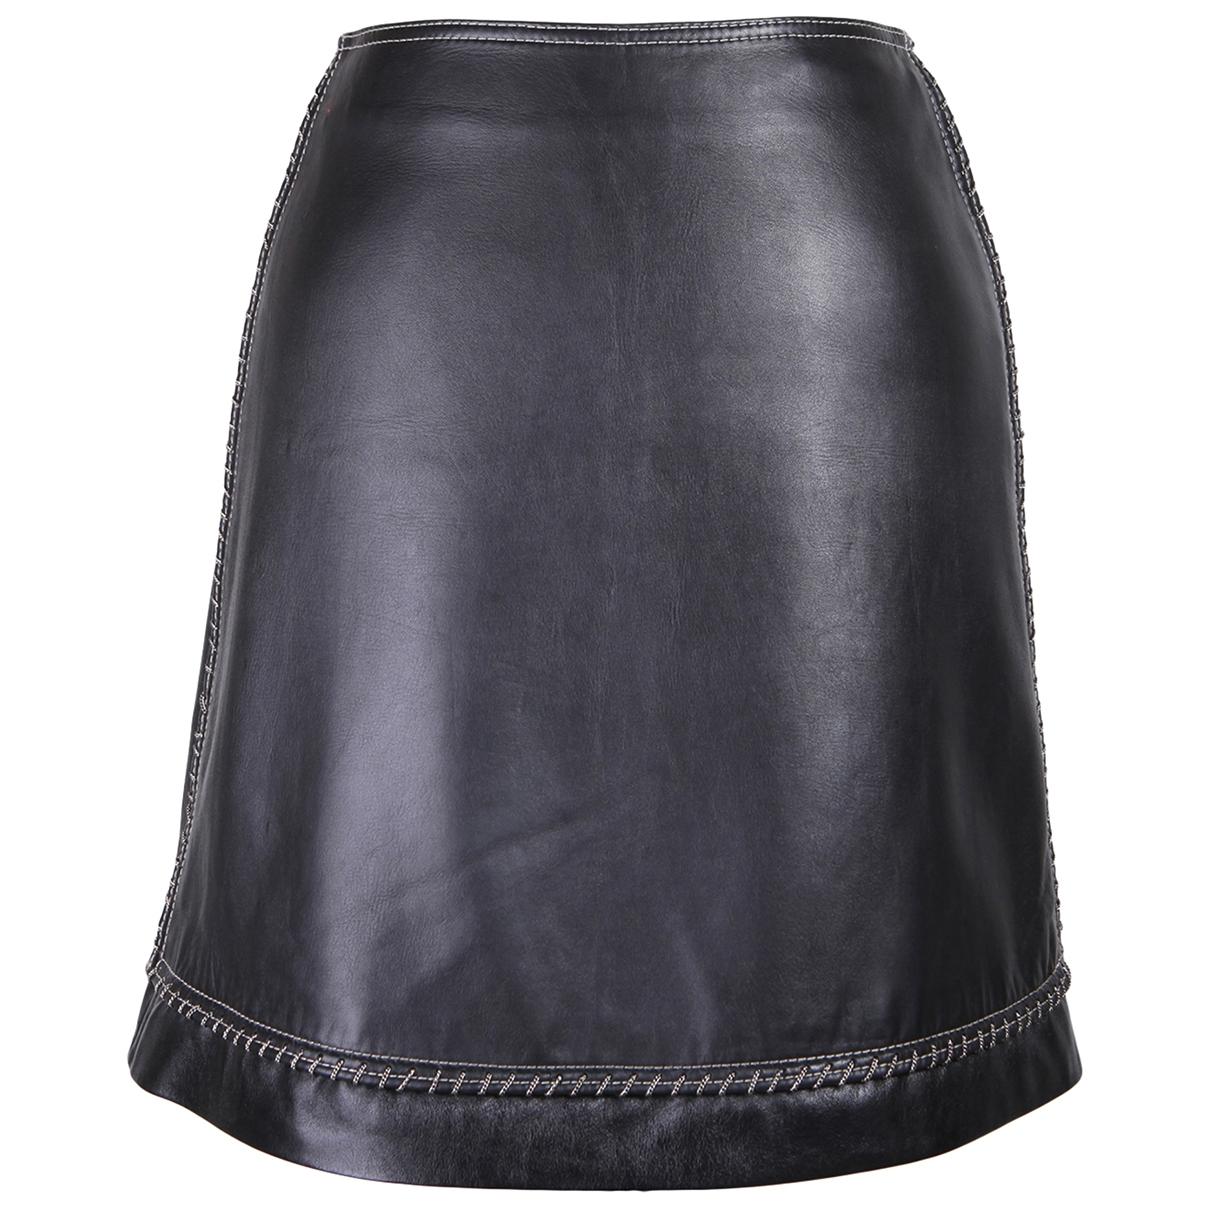 Gianni Versace - Jupe   pour femme en cuir - noir